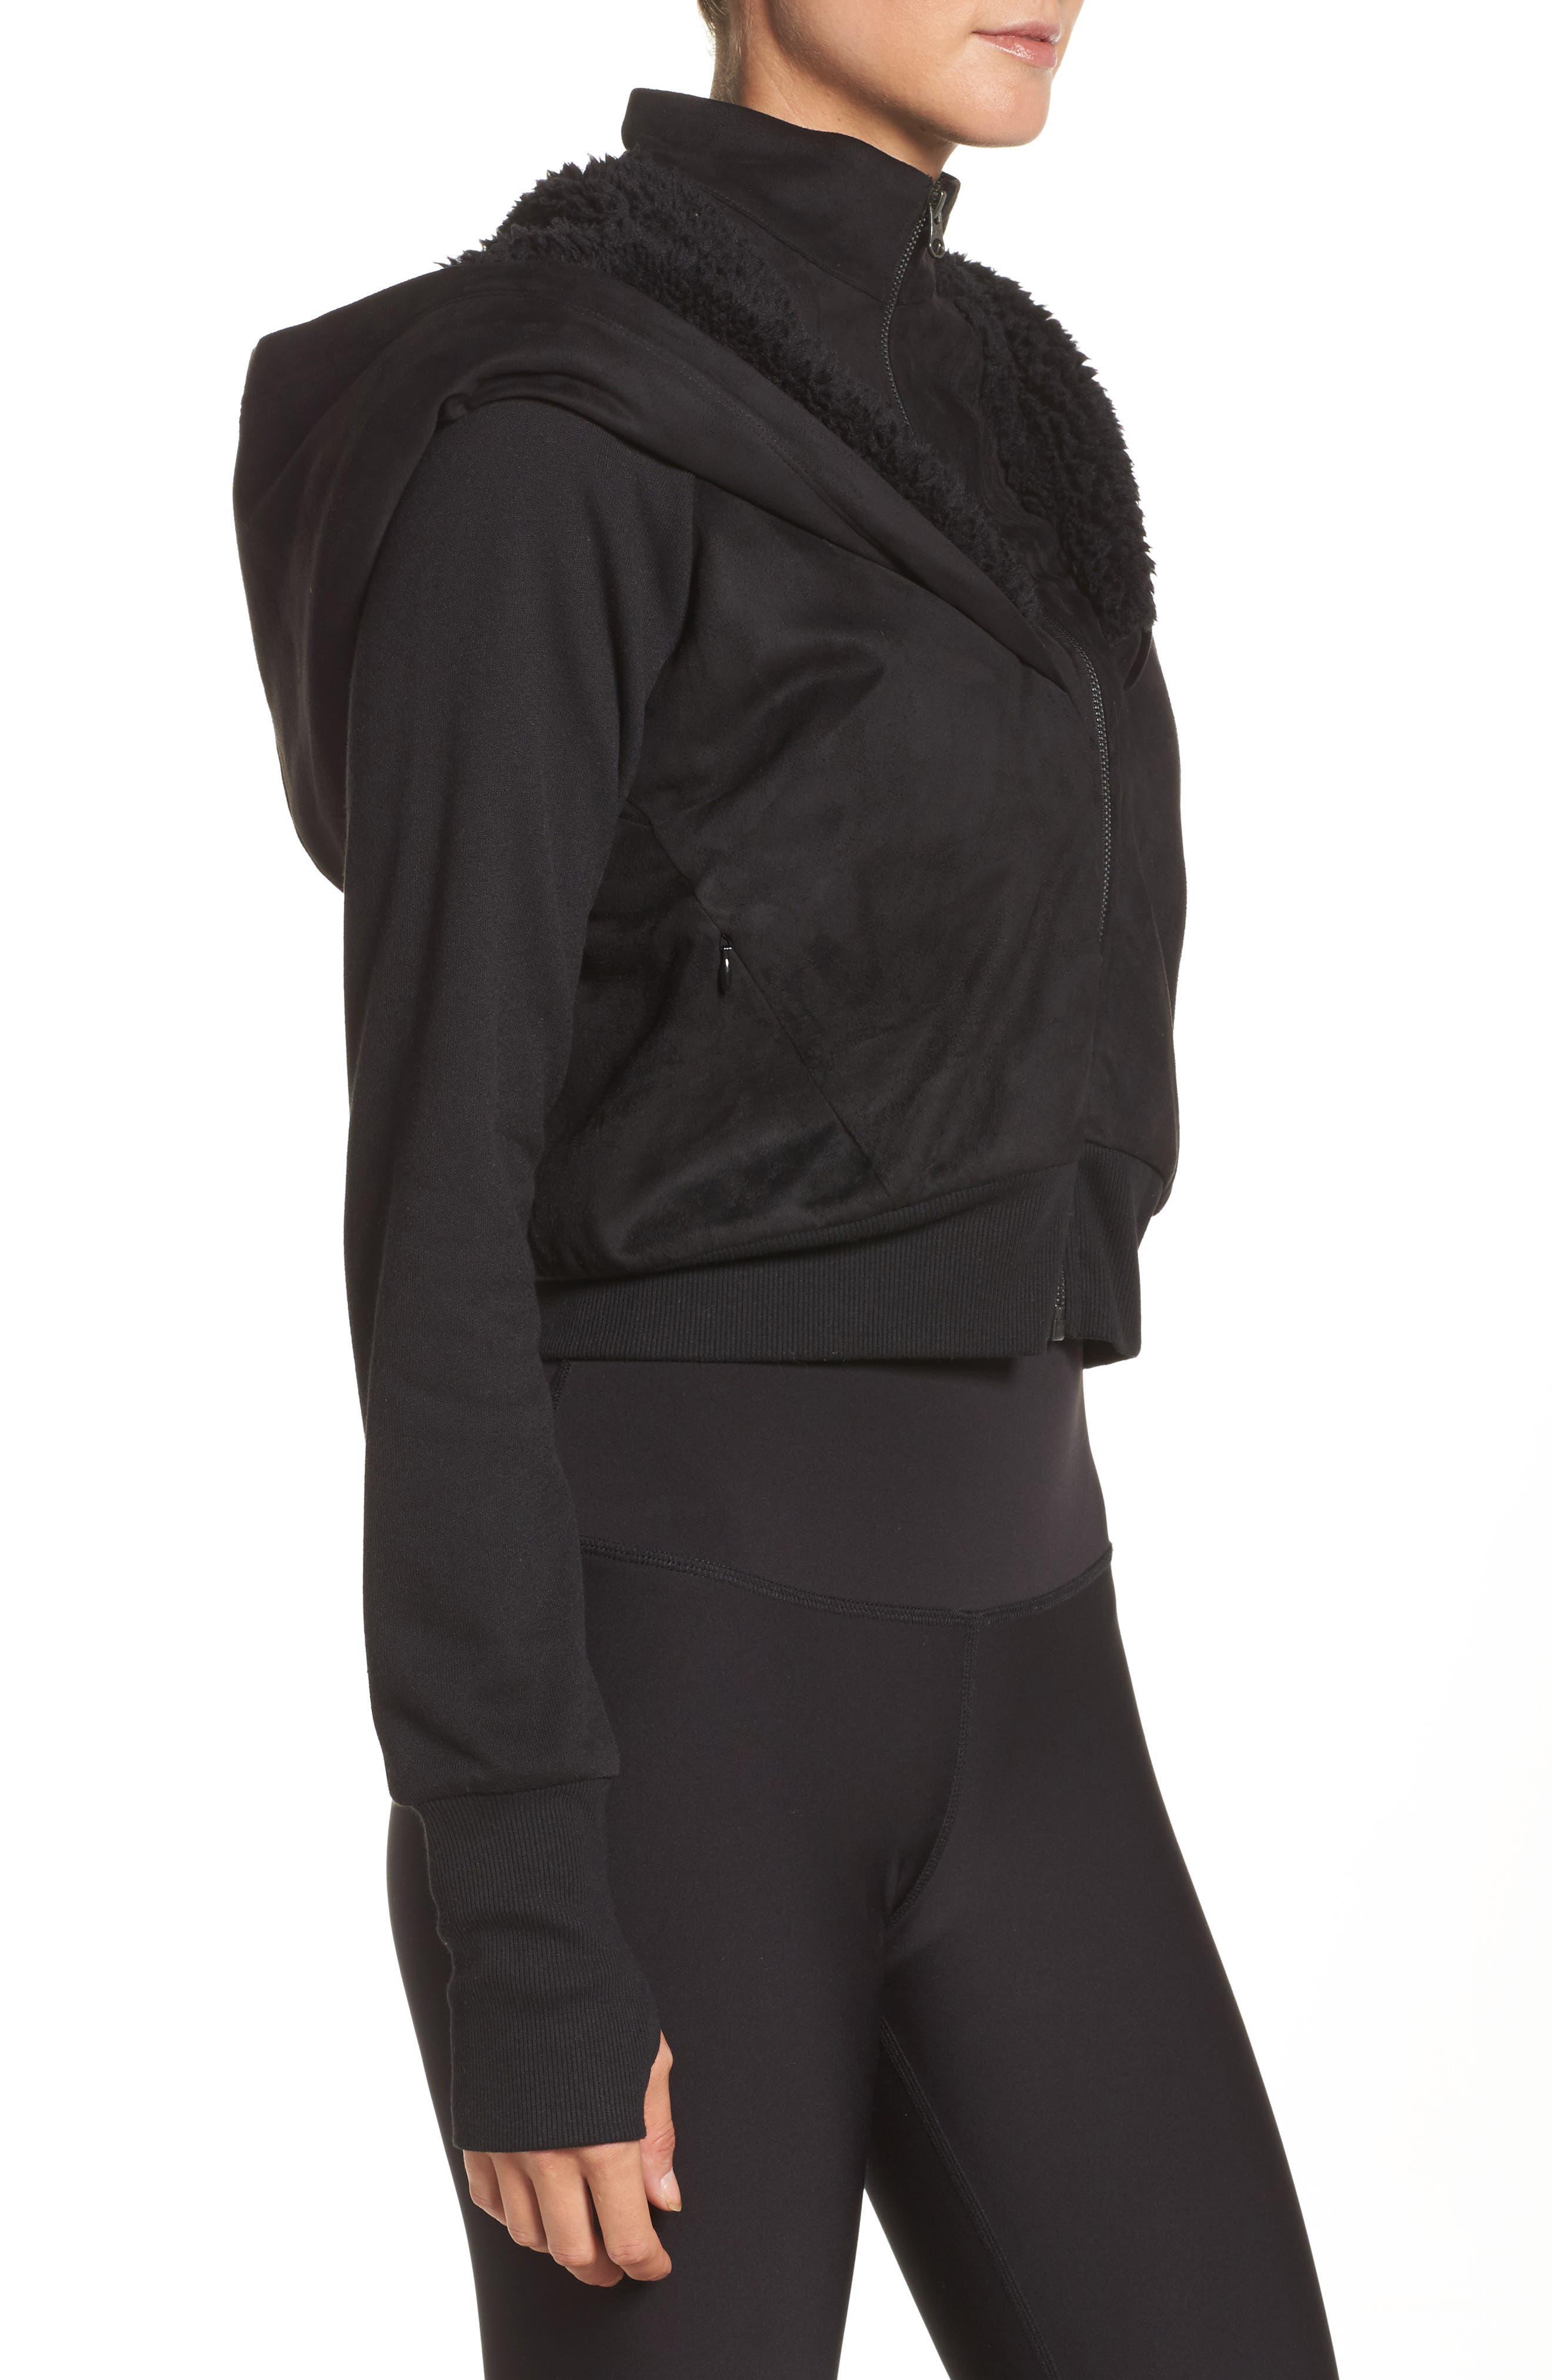 LA Winter Faux Fur Lined Jacket,                             Alternate thumbnail 3, color,                             Black